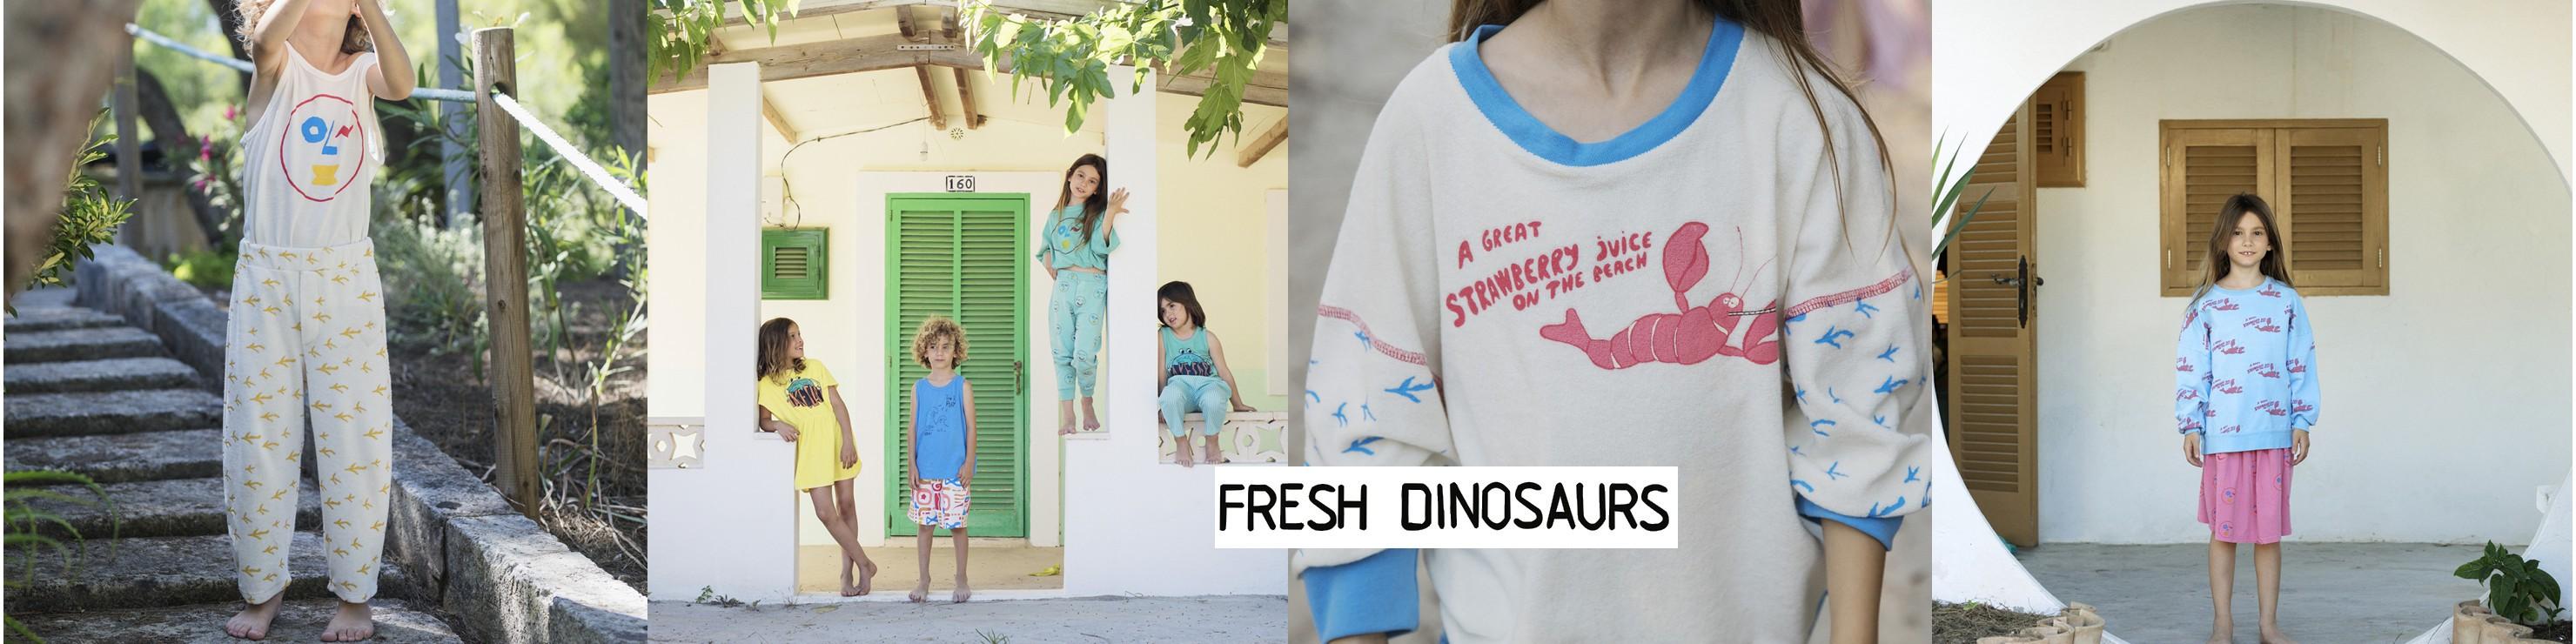 Fresh Dinosaurs : des vêtements qui ont du peps, fabriqués en Espagne